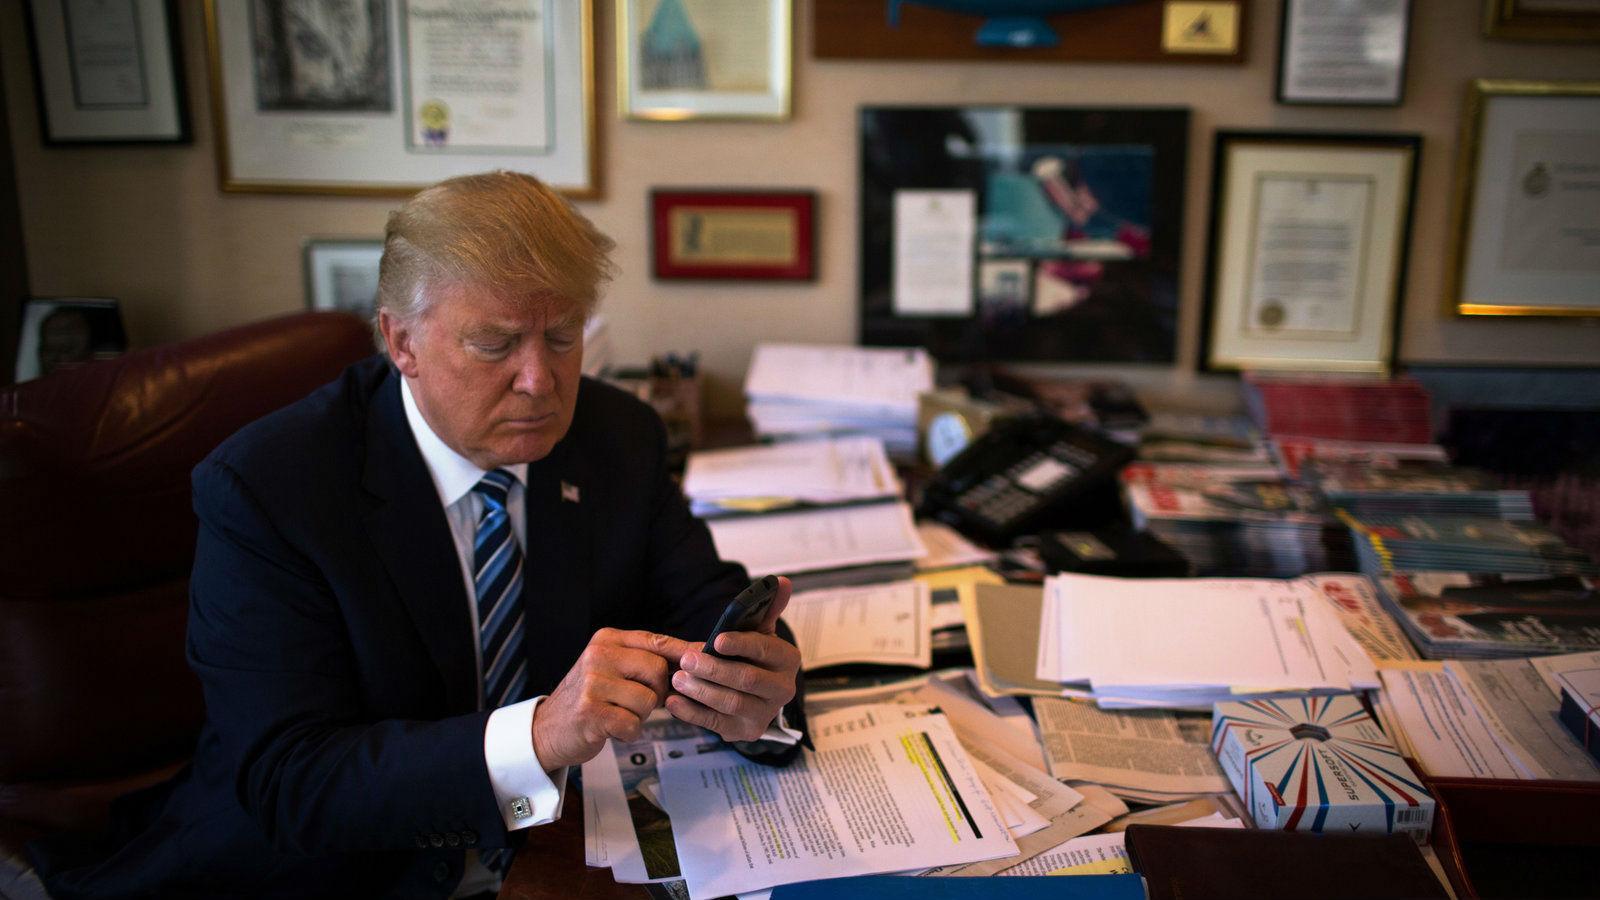 ترامپ شماره تماسش را به سوییس، حافظ منافع آمریکا در ایران داده است/افشای نامهنگاری واشنگتن با تهران برای تبادل زندانی